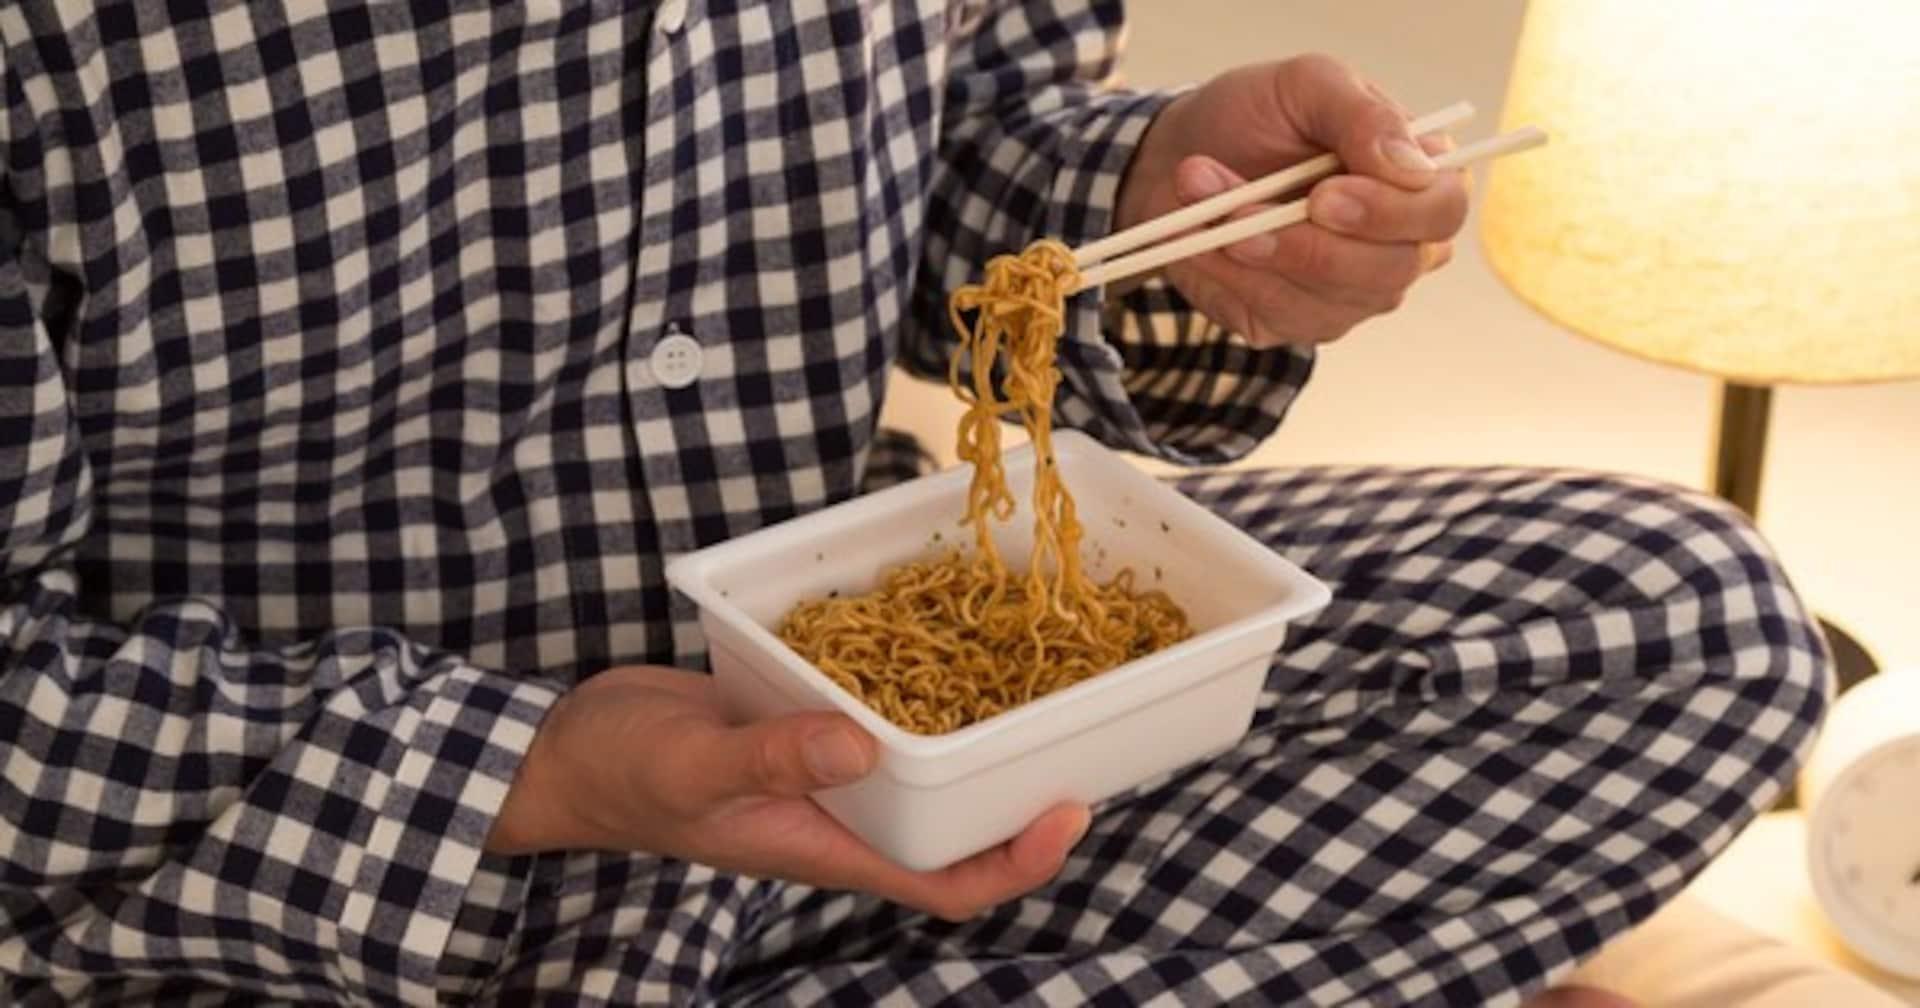 寝る直前の食事生活を、1か月したらでる悪影響は?